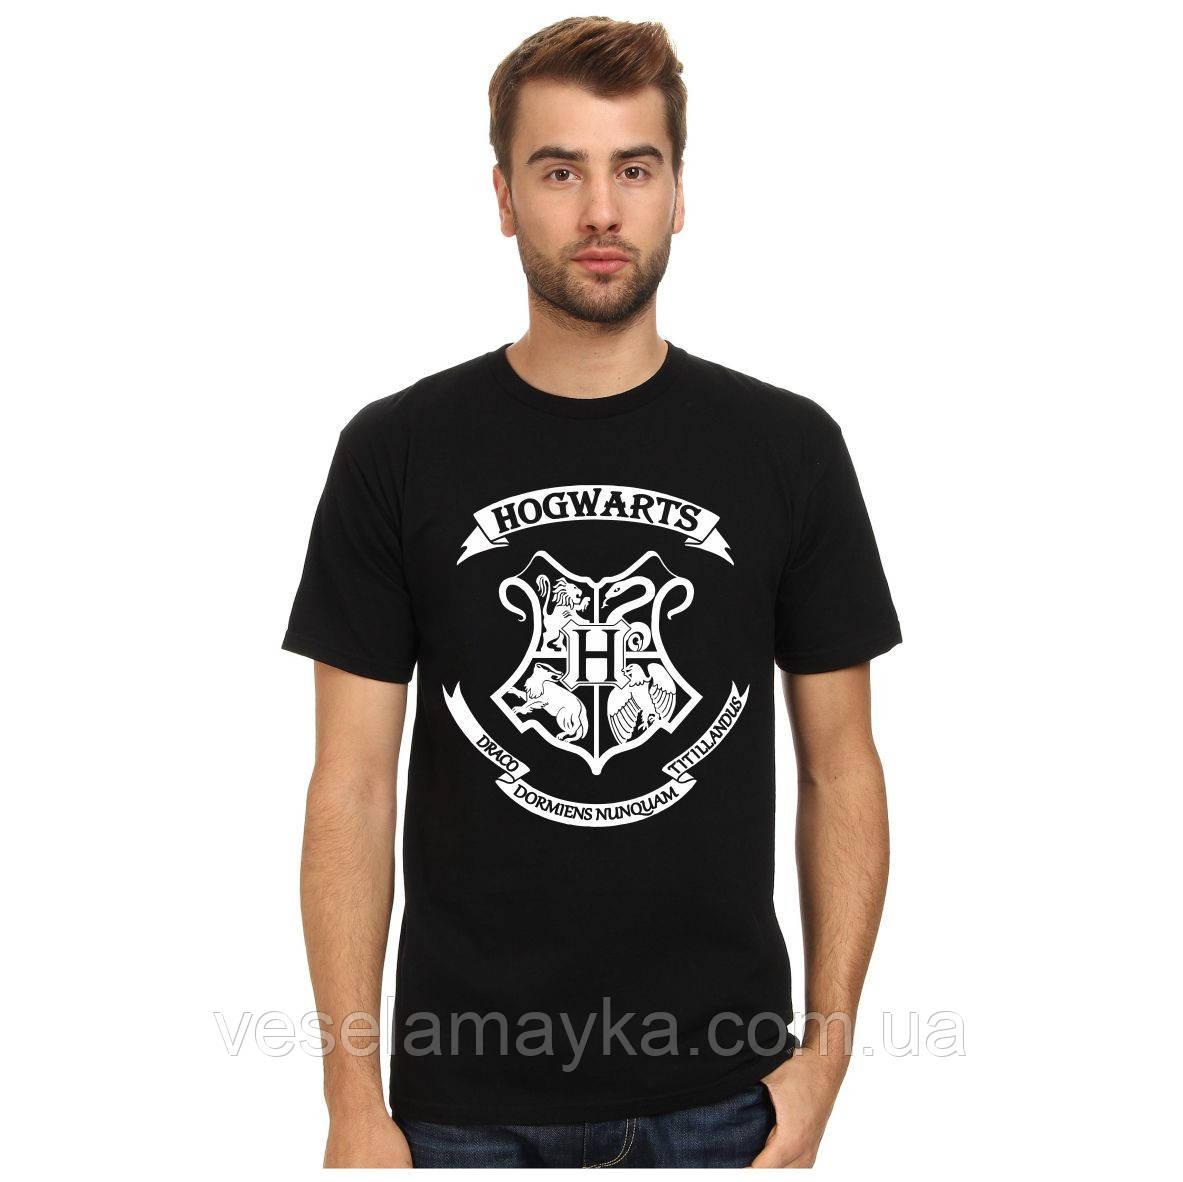 Футболка Hogwarts (Хогвартс)